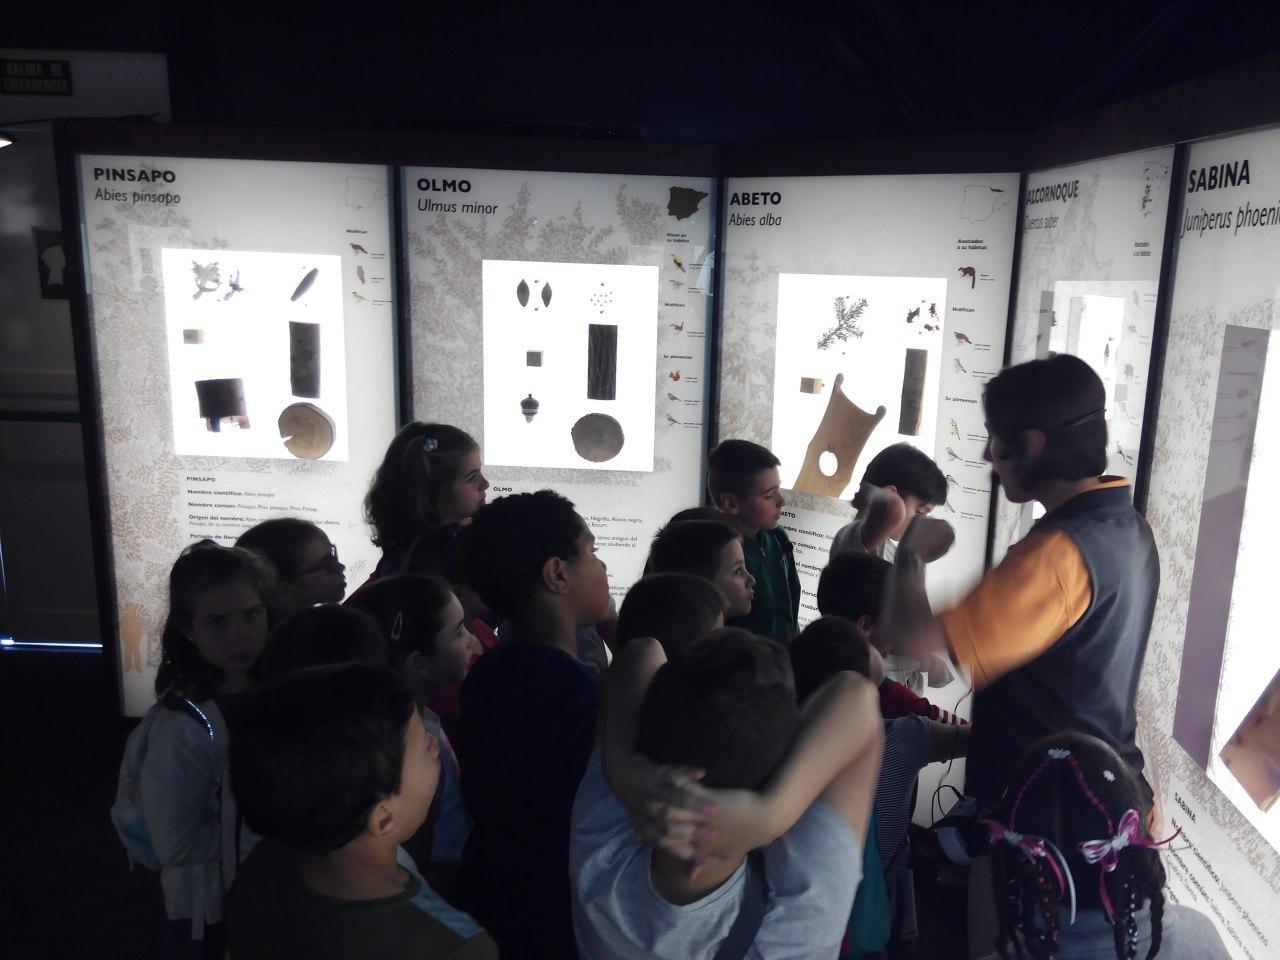 Visita a la exposición El Bosque. 1º 2º Primaria. CEIP Pinocho. 2016/17 6